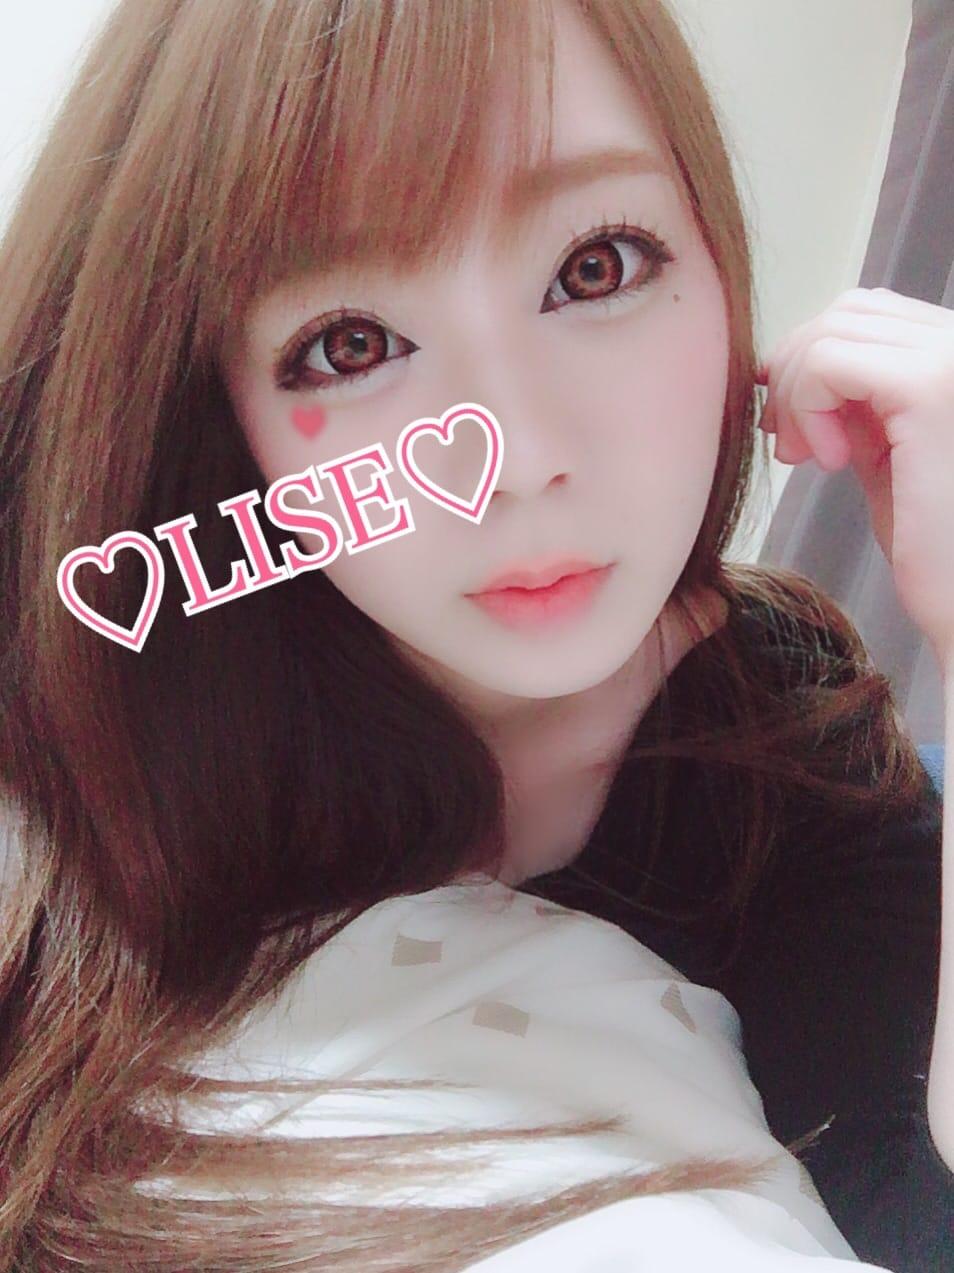 「向かいまーす!」04/24(04/24) 23:01 | りせの写メ・風俗動画